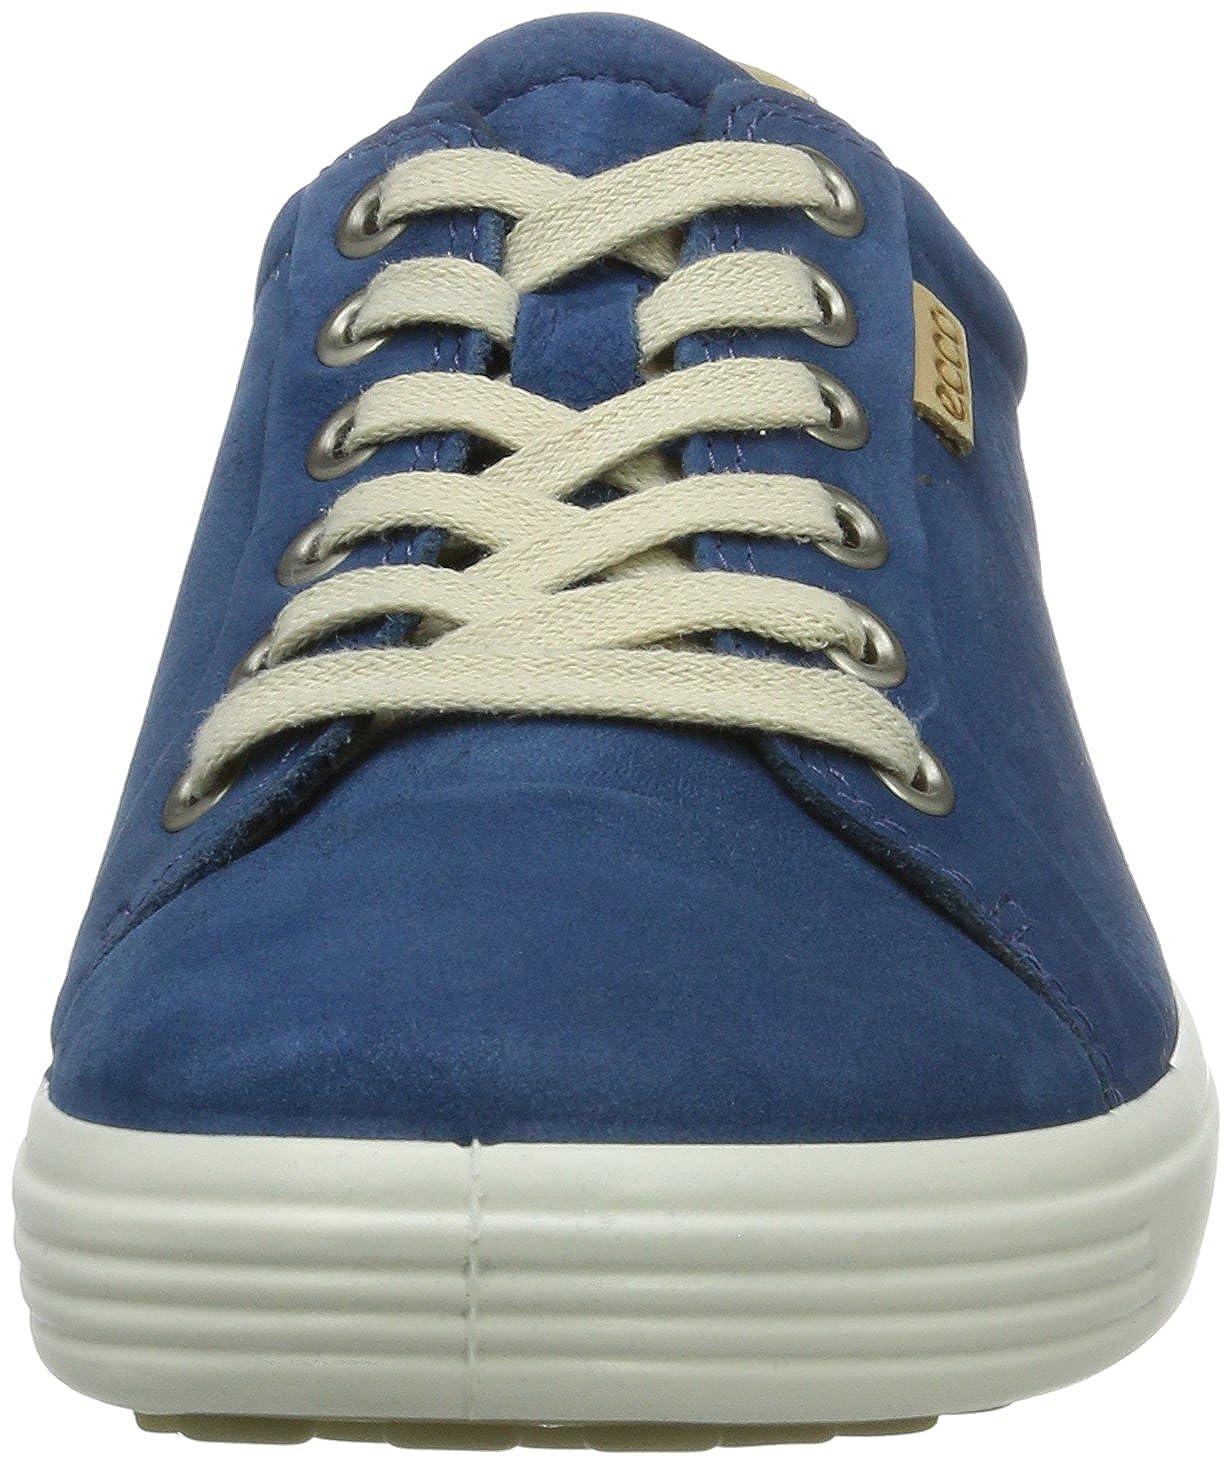 Ecco Damen Soft 7 Turnschuhe 40 Blau (2269 Posidon) 40 Turnschuhe EU 8bb64c